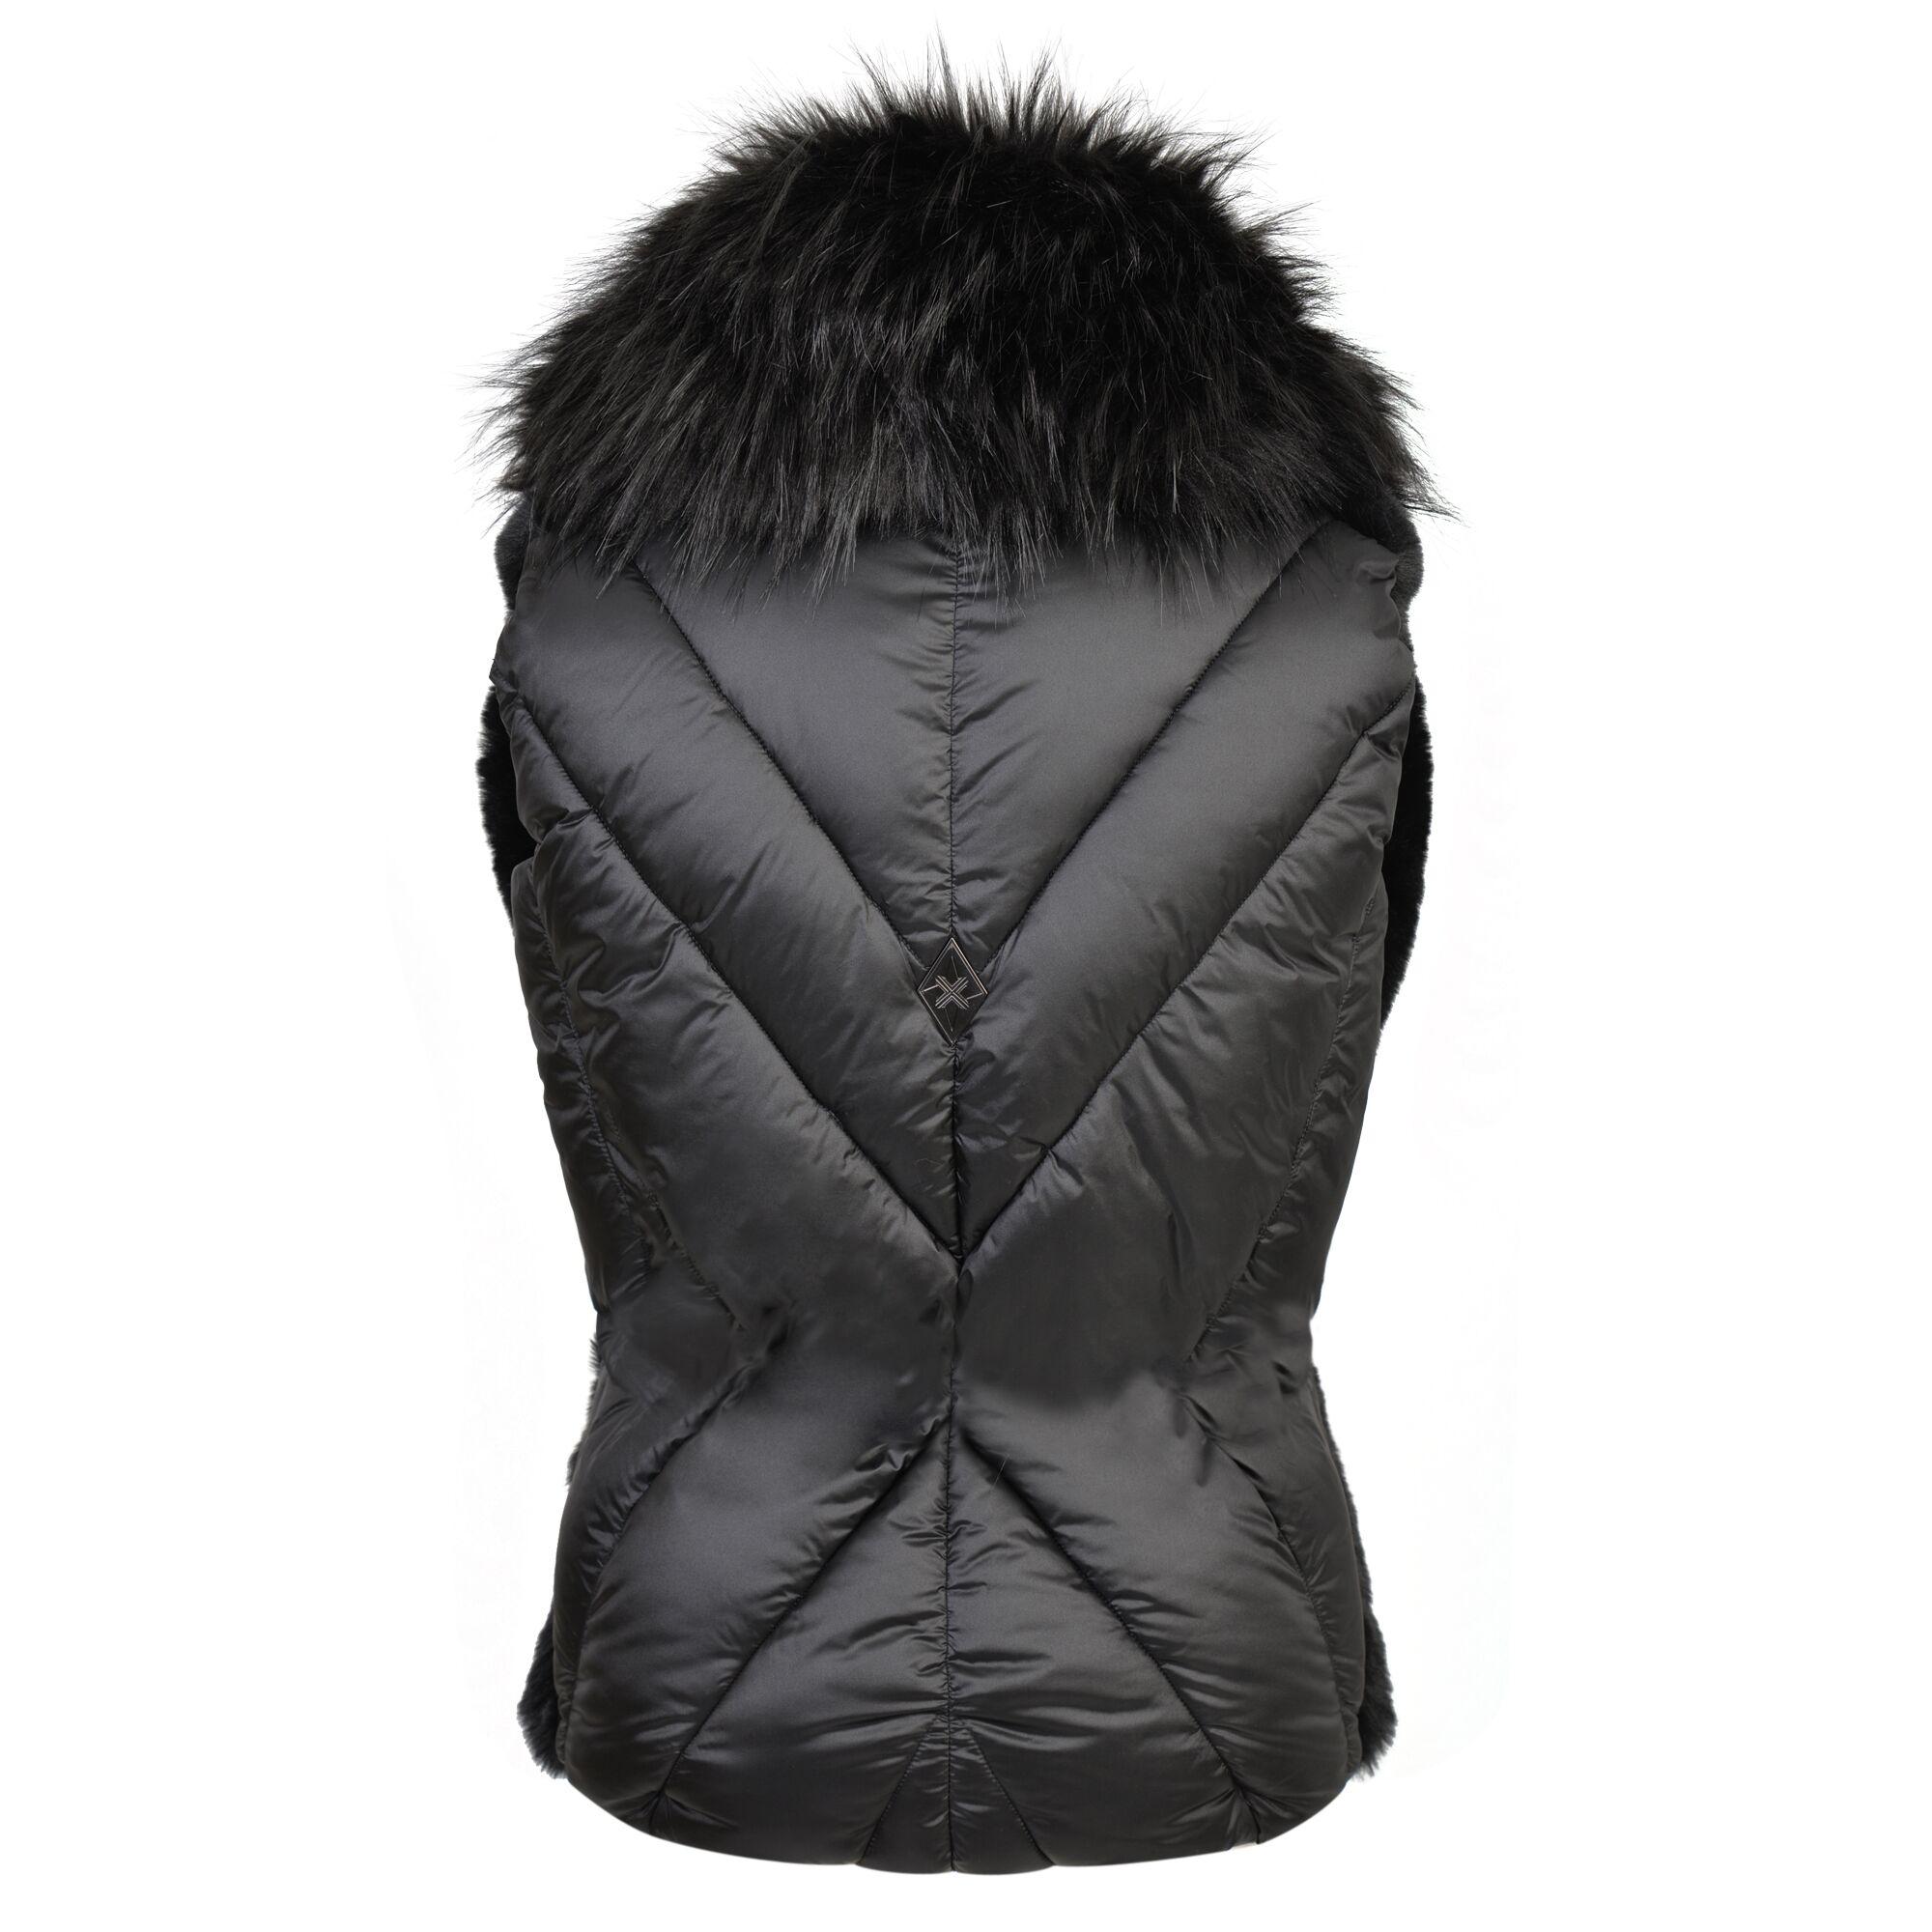 Îmbrăcăminte Iarnă -  dare2b Zarina Faux Fur Bodywarmer